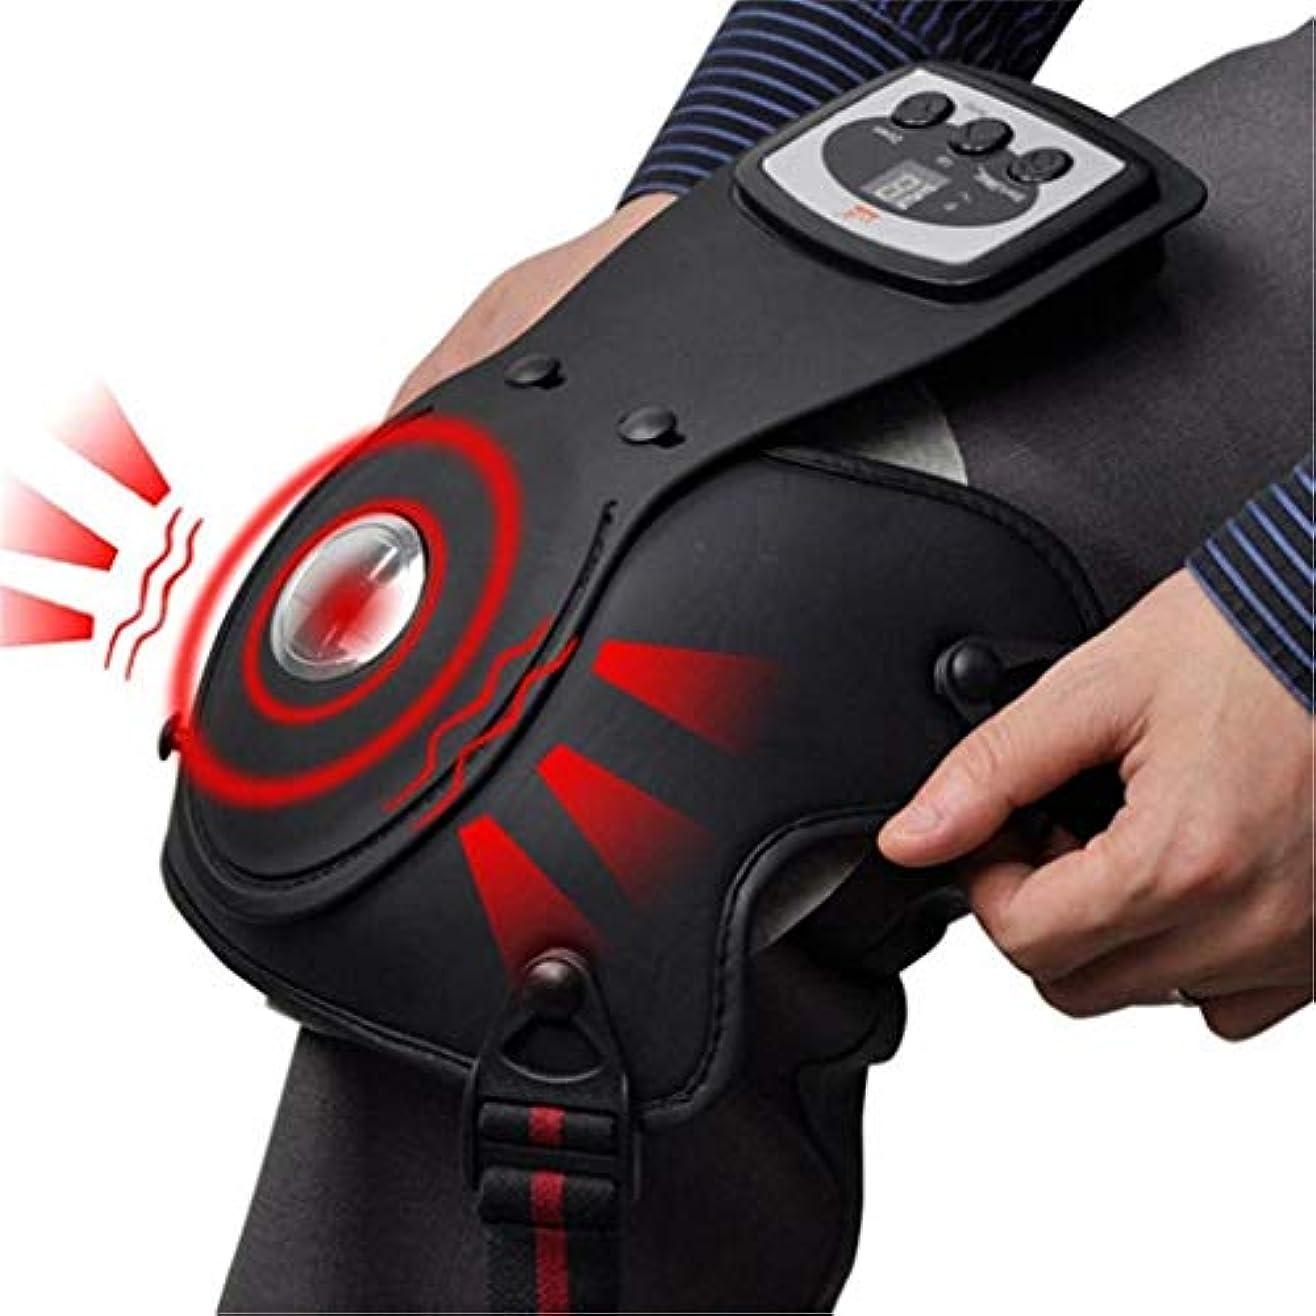 汚れる残る心配フットケア機器、膝磁気療法/振動/加熱マッサージ理学療法、電気マッサージ器、痛みを緩和するリハビリ機器